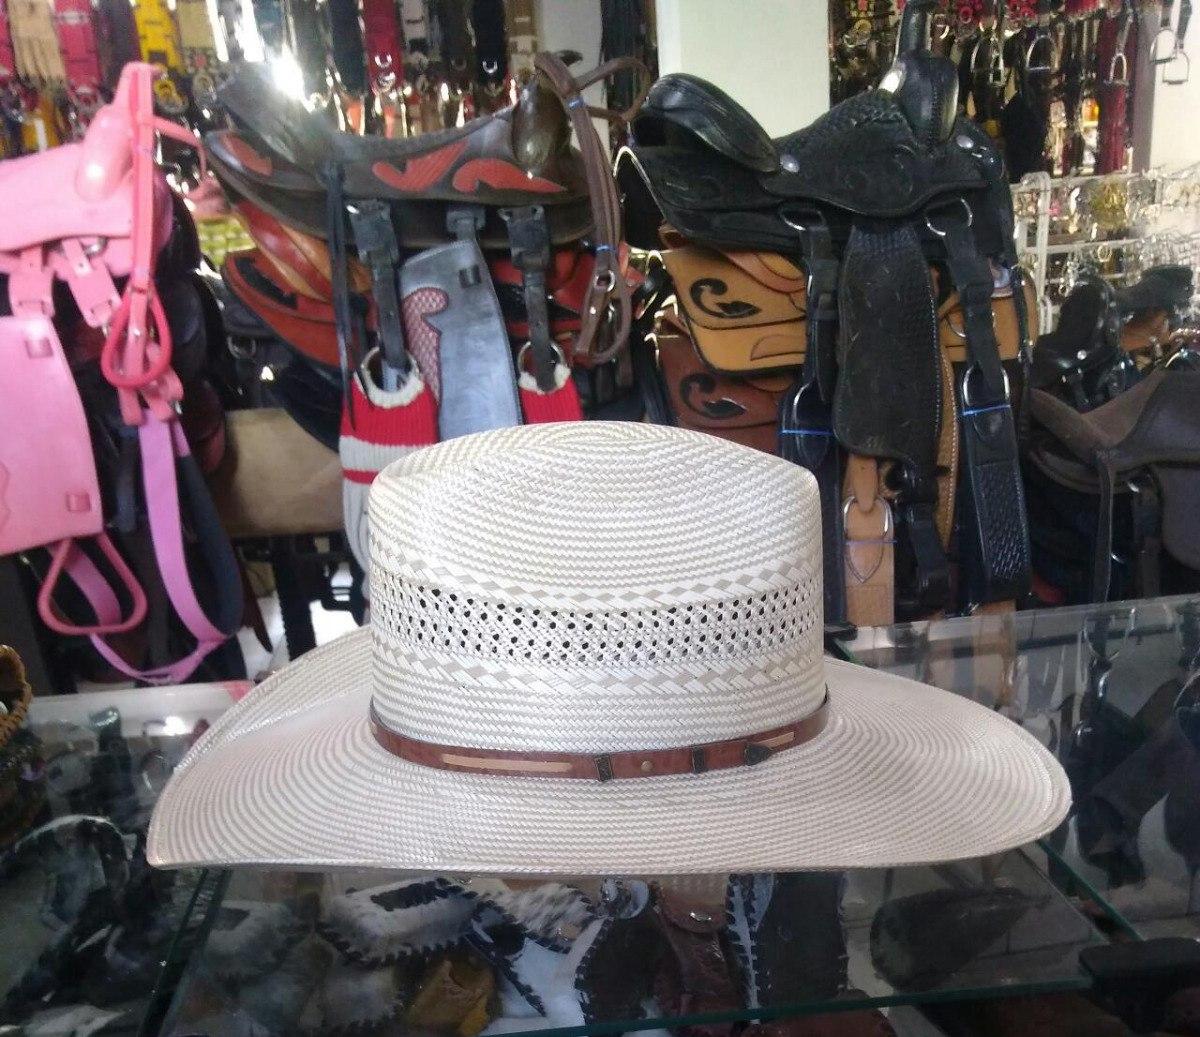 chapéu de luxo pralana para boiadeiro 8 segundos frete pago! Carregando  zoom. 109ed1244e0